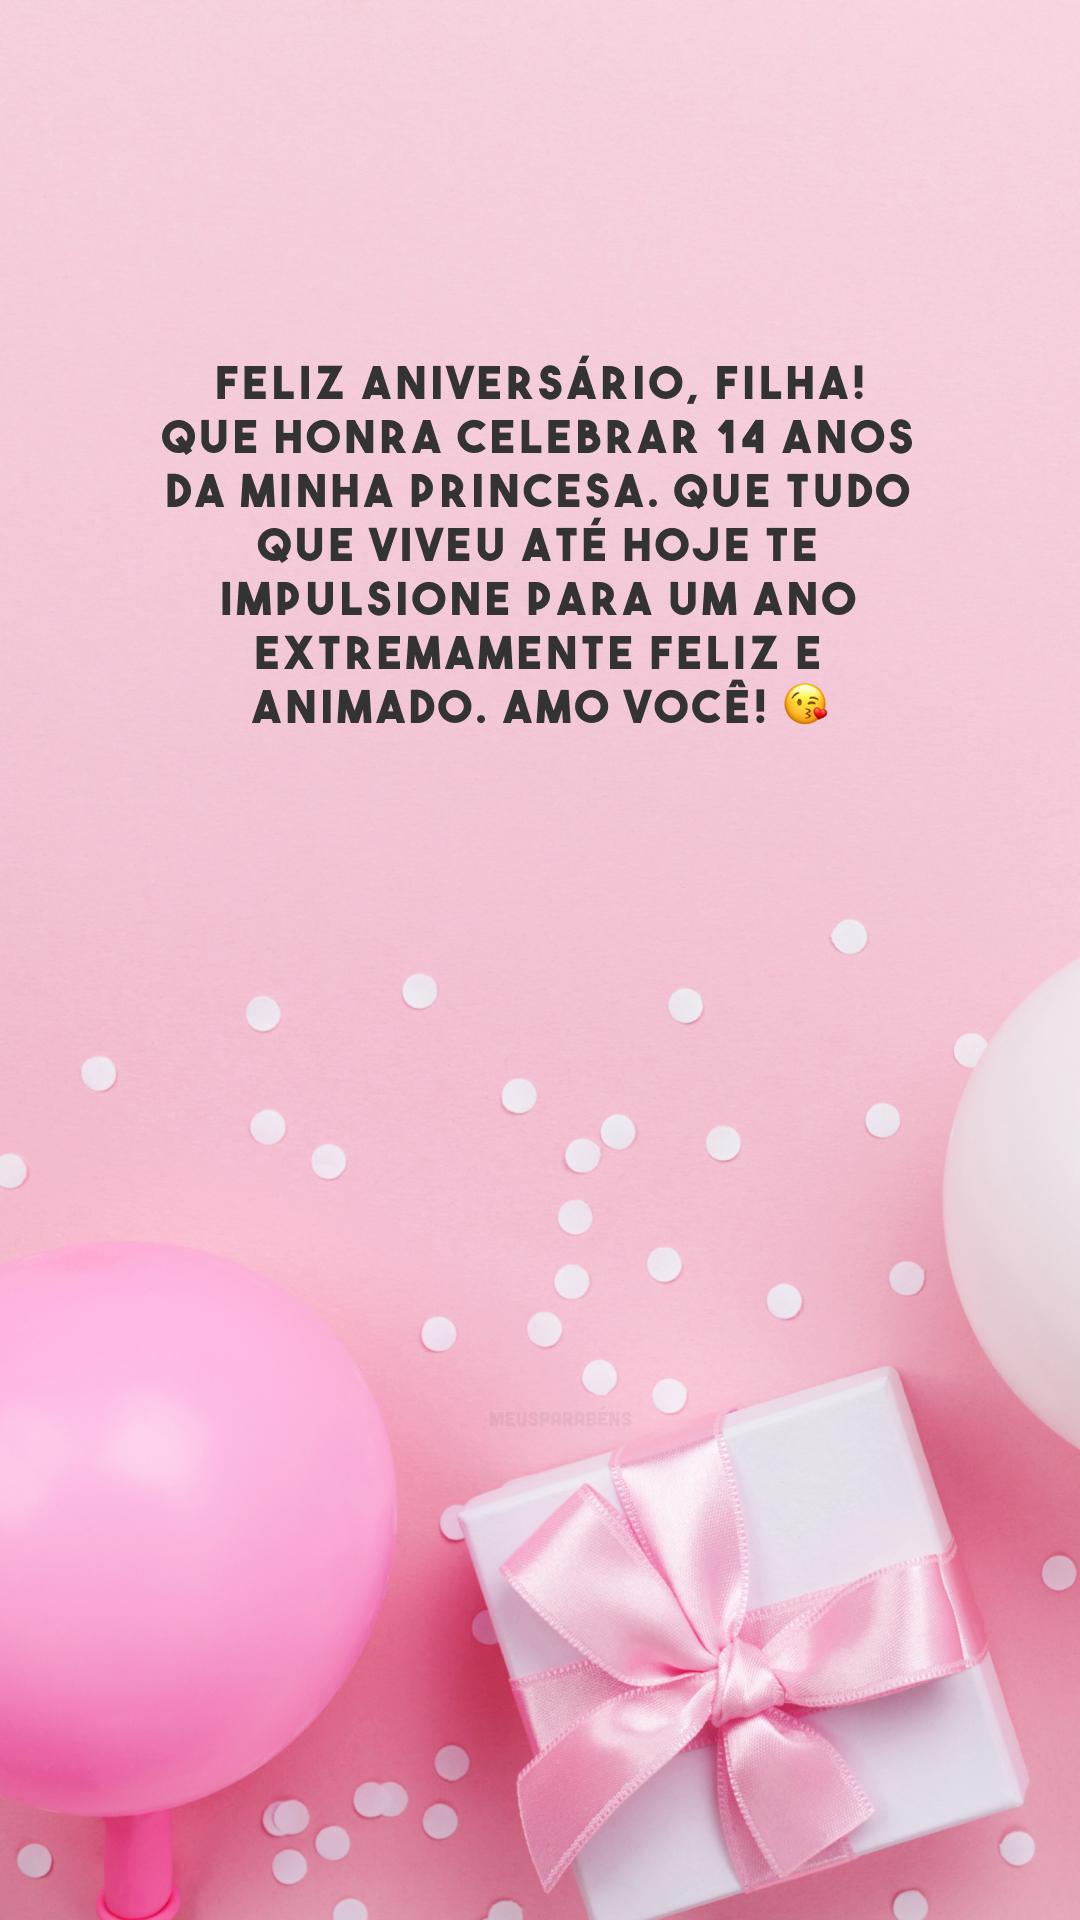 Feliz aniversário, filha! Que honra celebrar 14 anos da minha princesa. Que tudo que viveu até hoje te impulsione para um ano extremamente feliz e animado. Amo você! 😘